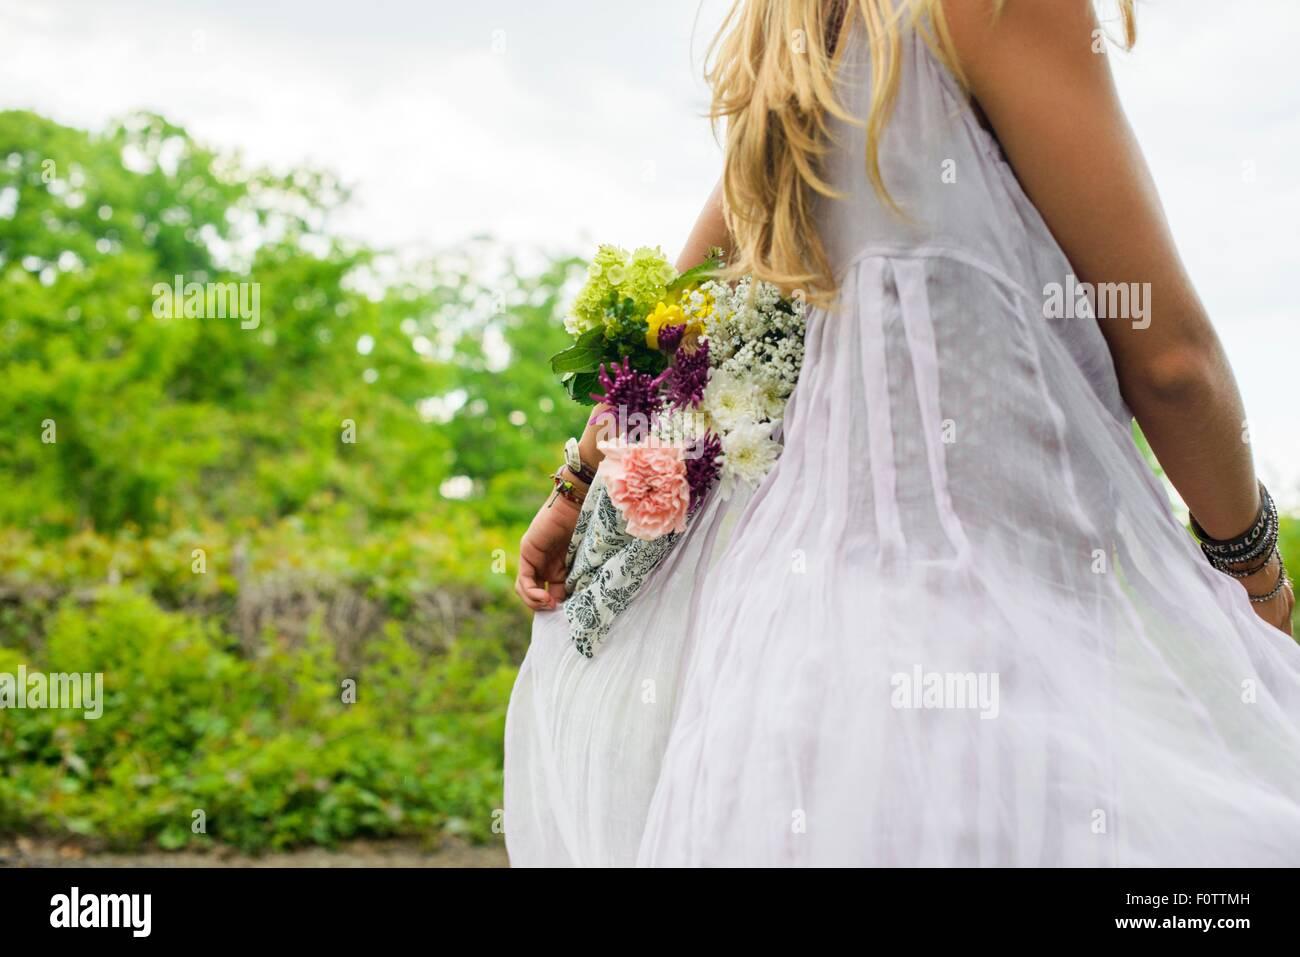 Captura recortada de joven mujer vistiendo vestido blanco llevar ramo de flores a la espalda Imagen De Stock